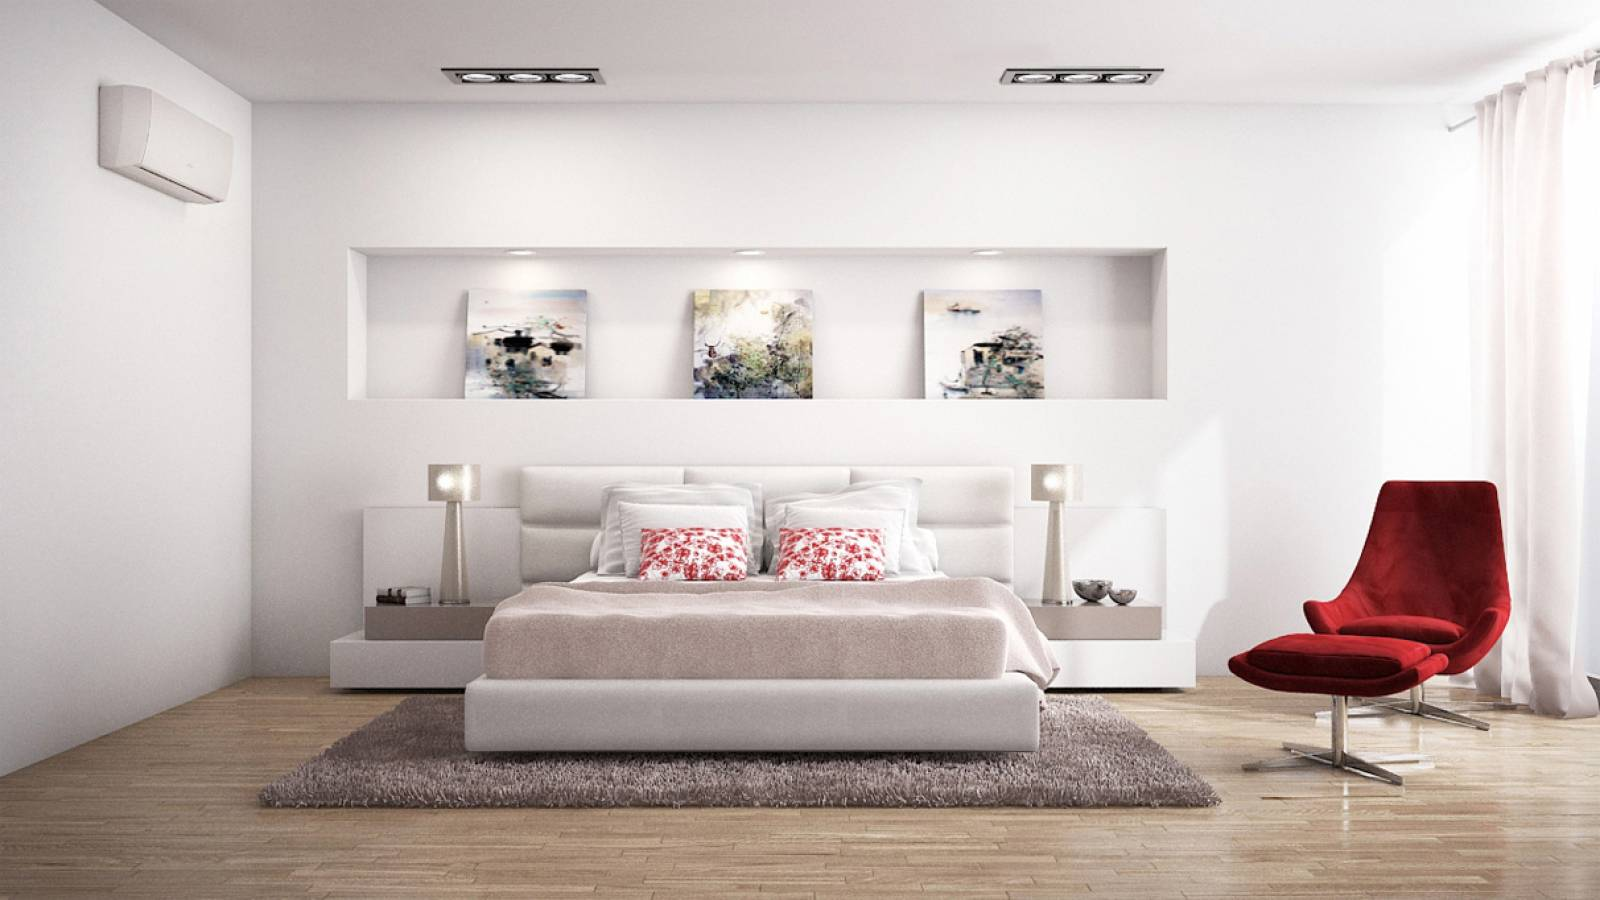 devis de climatisation sainte maxime dans le golfe de saint tropez sainte maxime fr jus. Black Bedroom Furniture Sets. Home Design Ideas